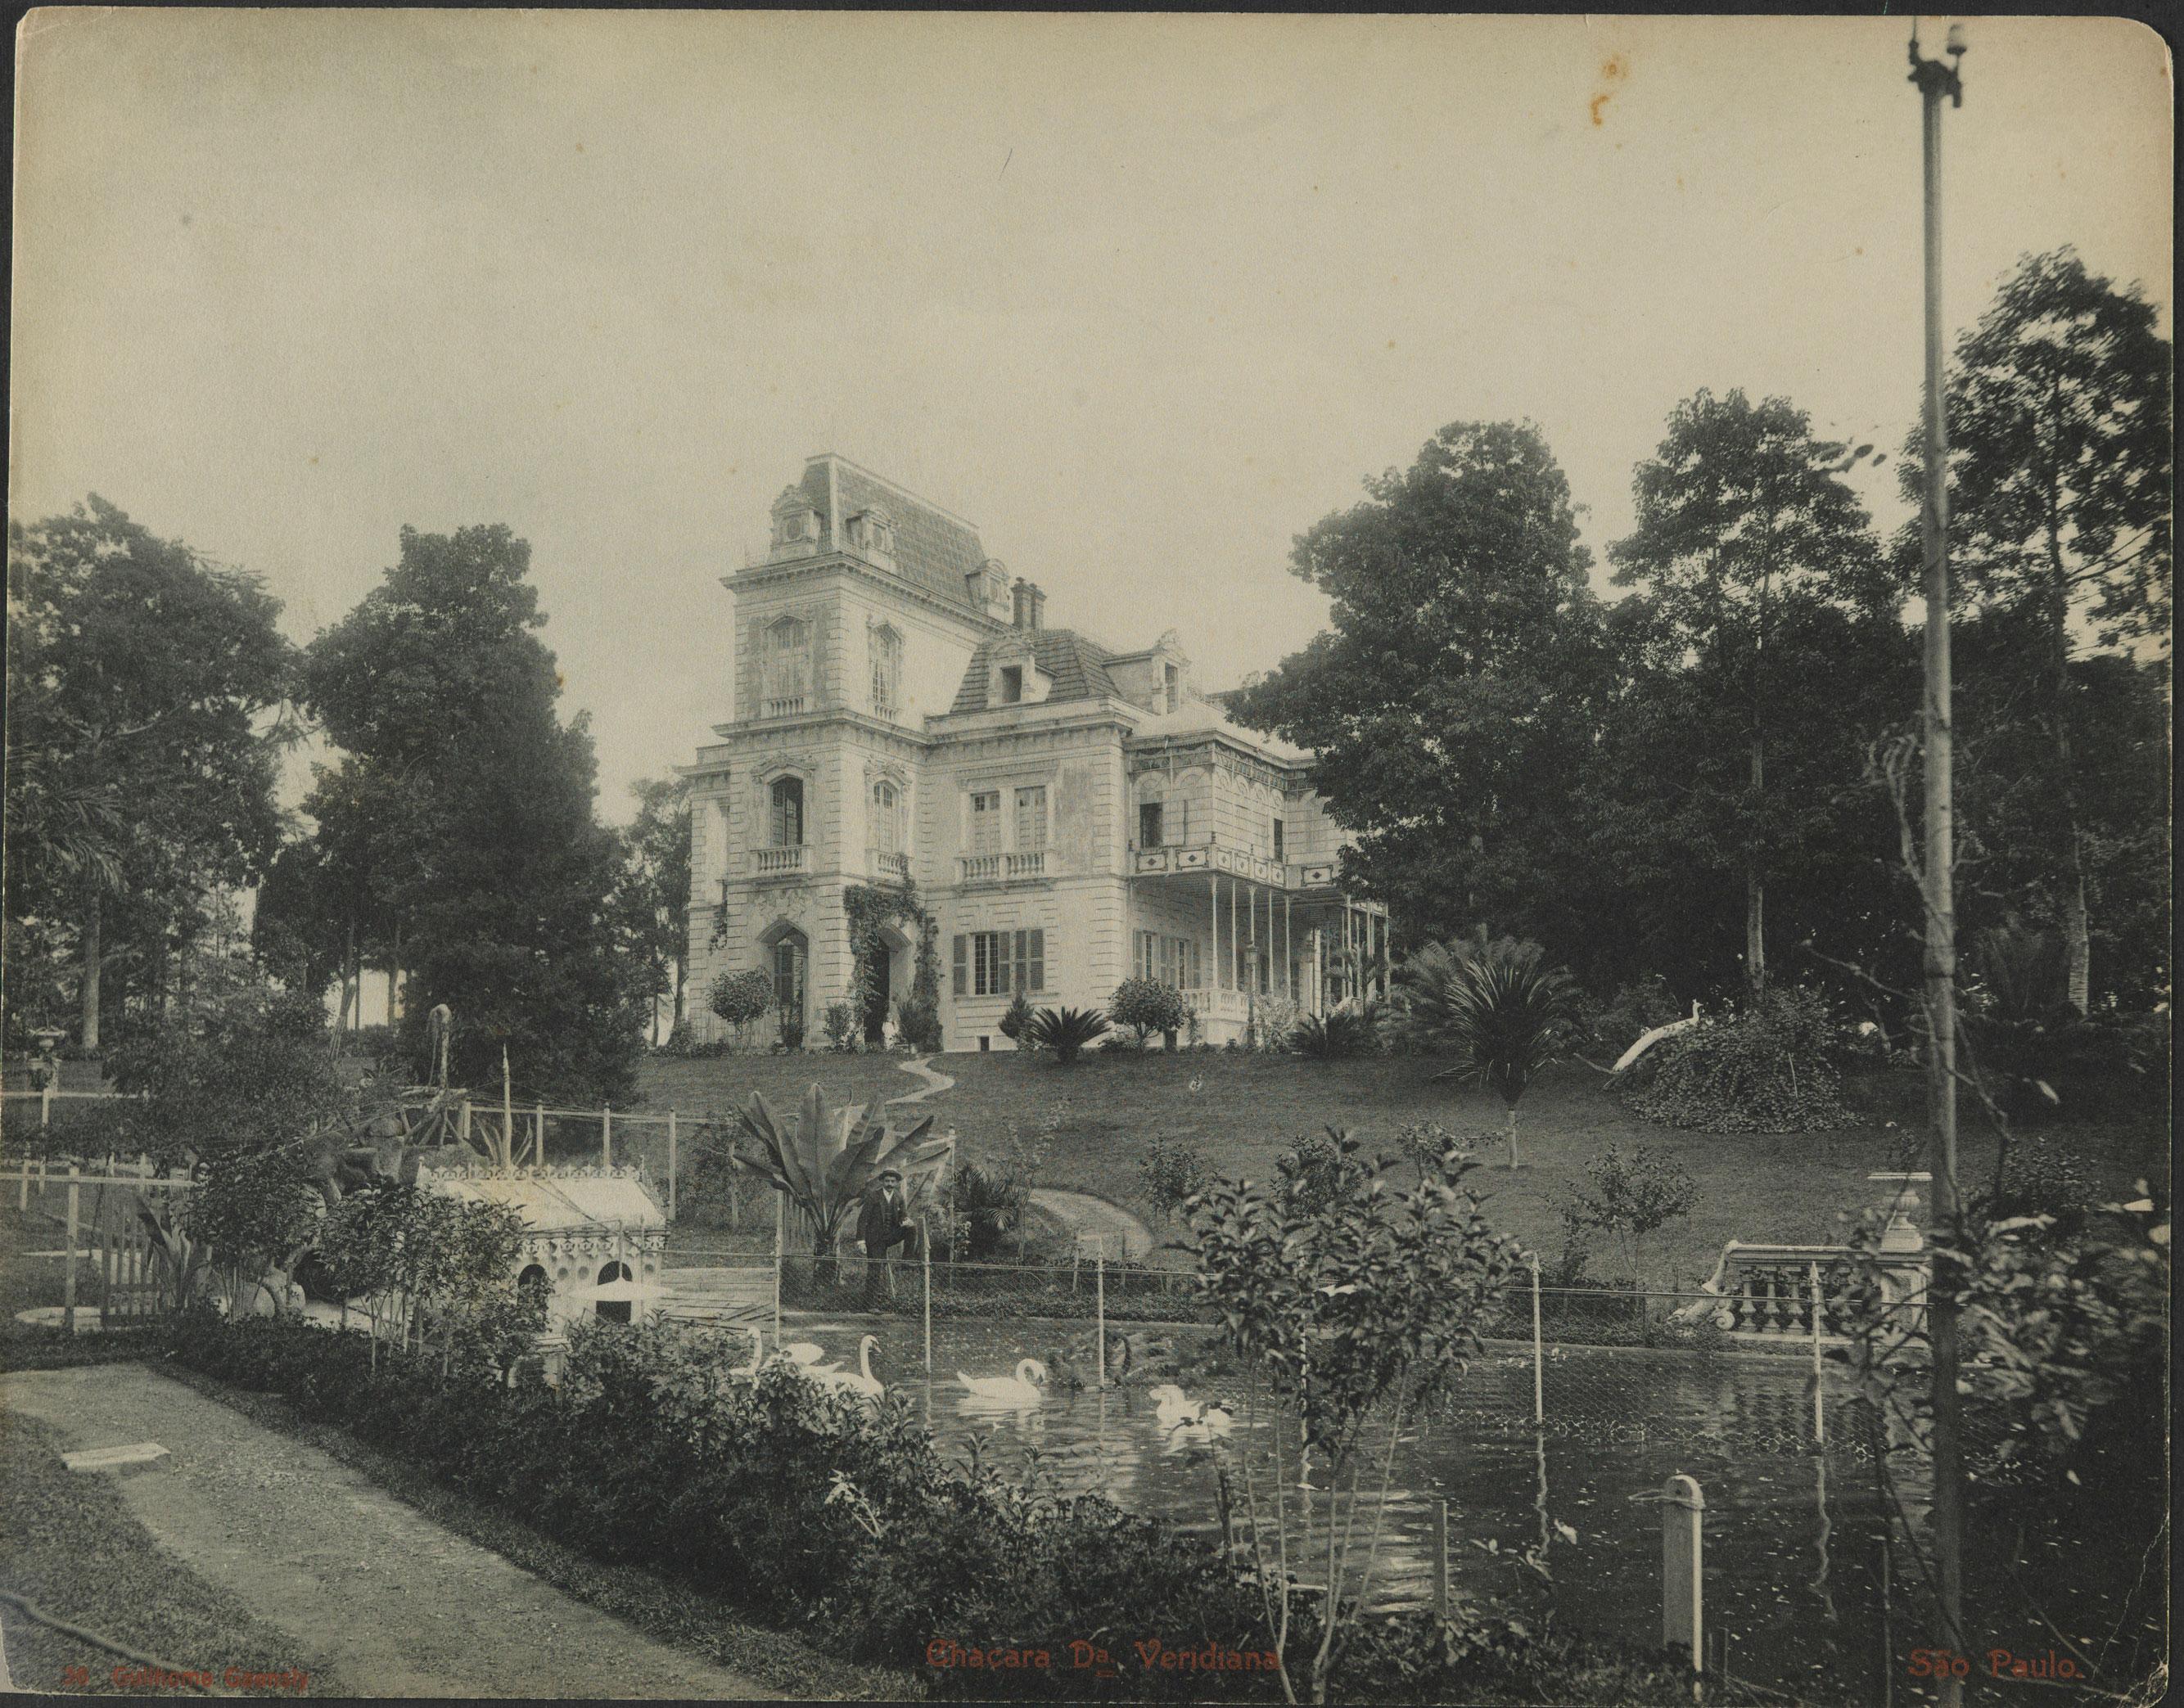 Chácara de Veridiana da Silva Prado em 1902.